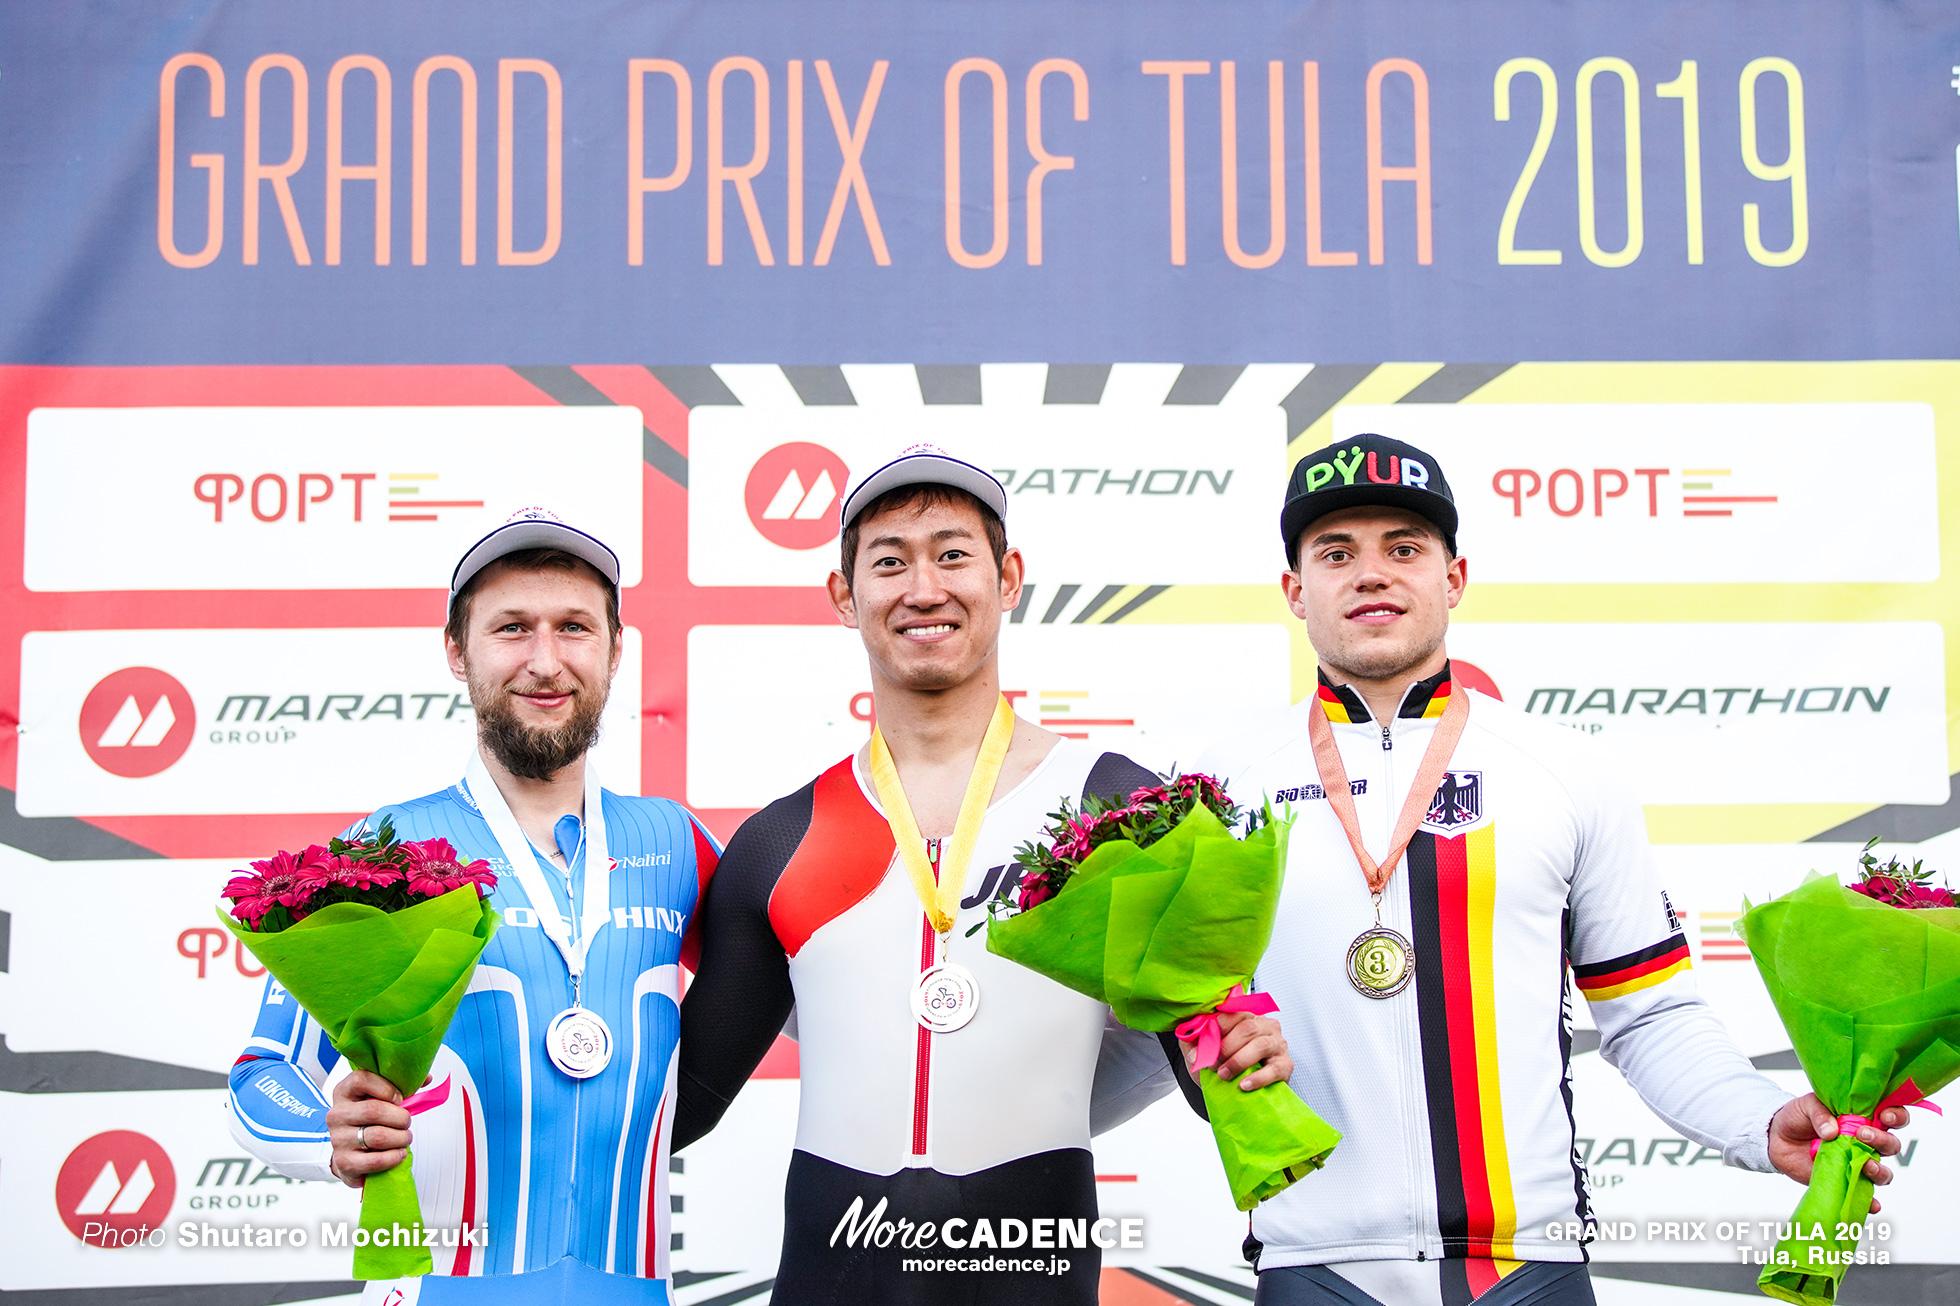 Men's Sprint Finals / GRAND PRIX OF TULA 2019